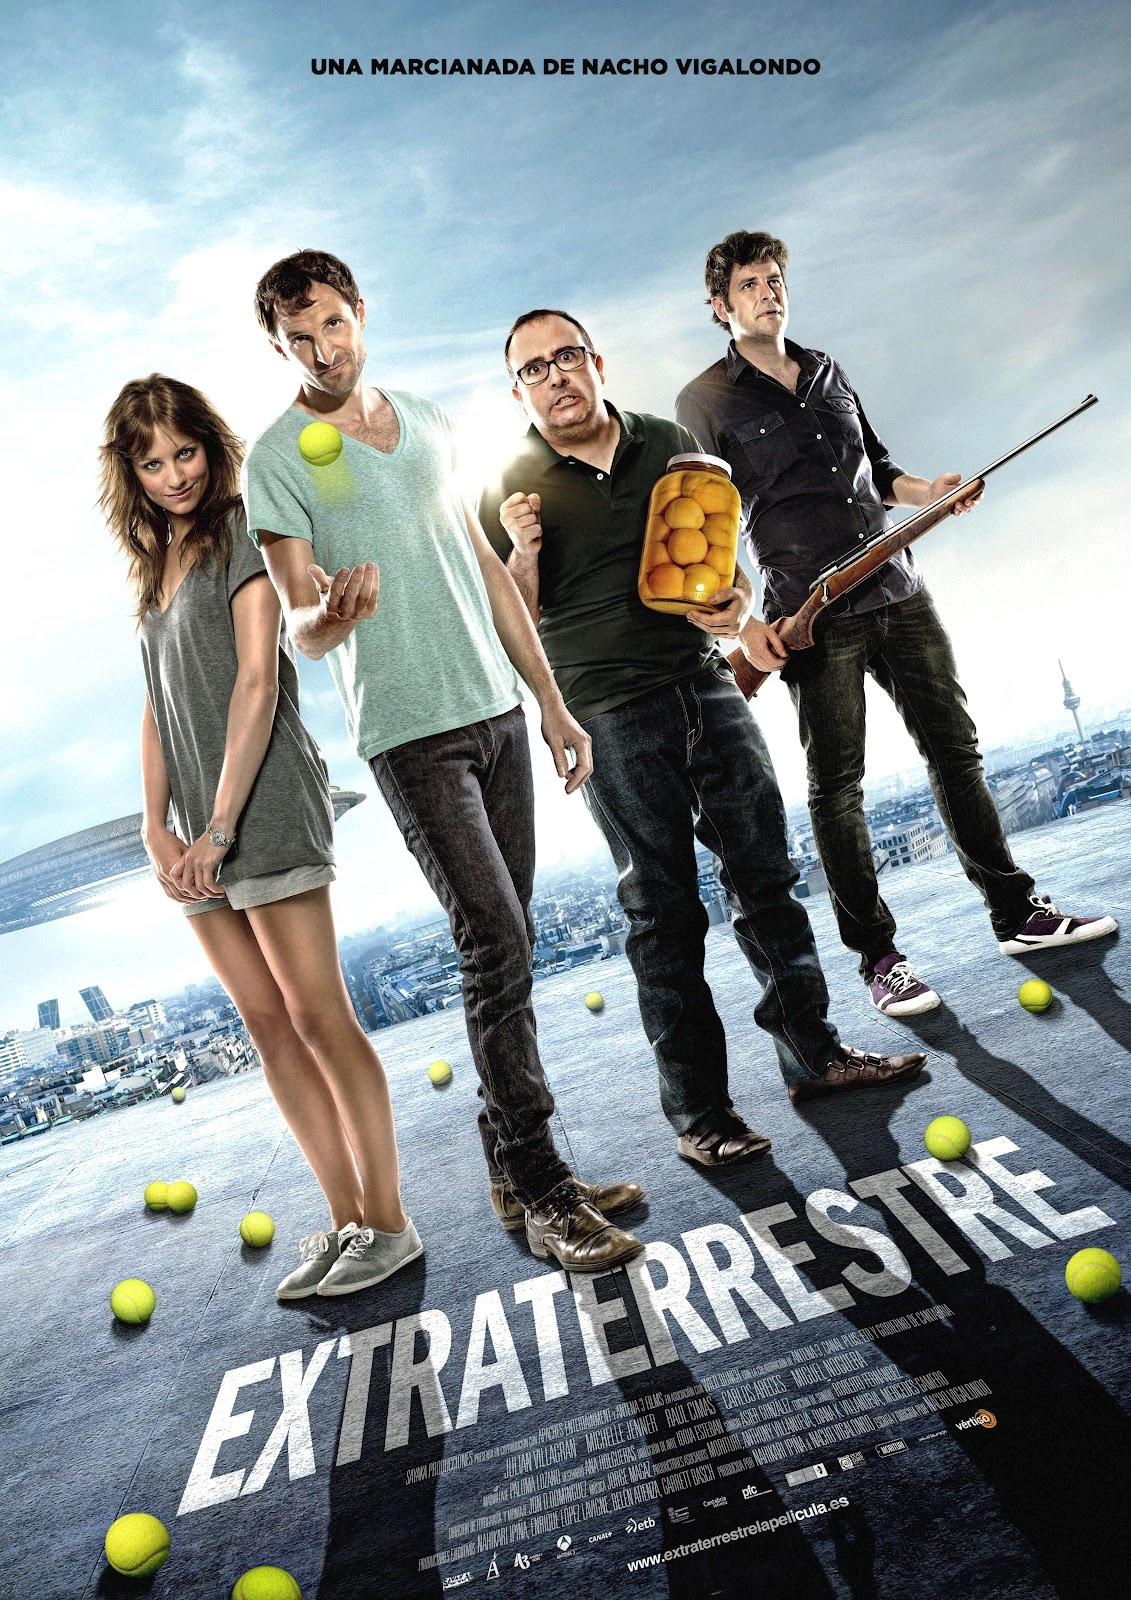 Extraterrestre  (2012)